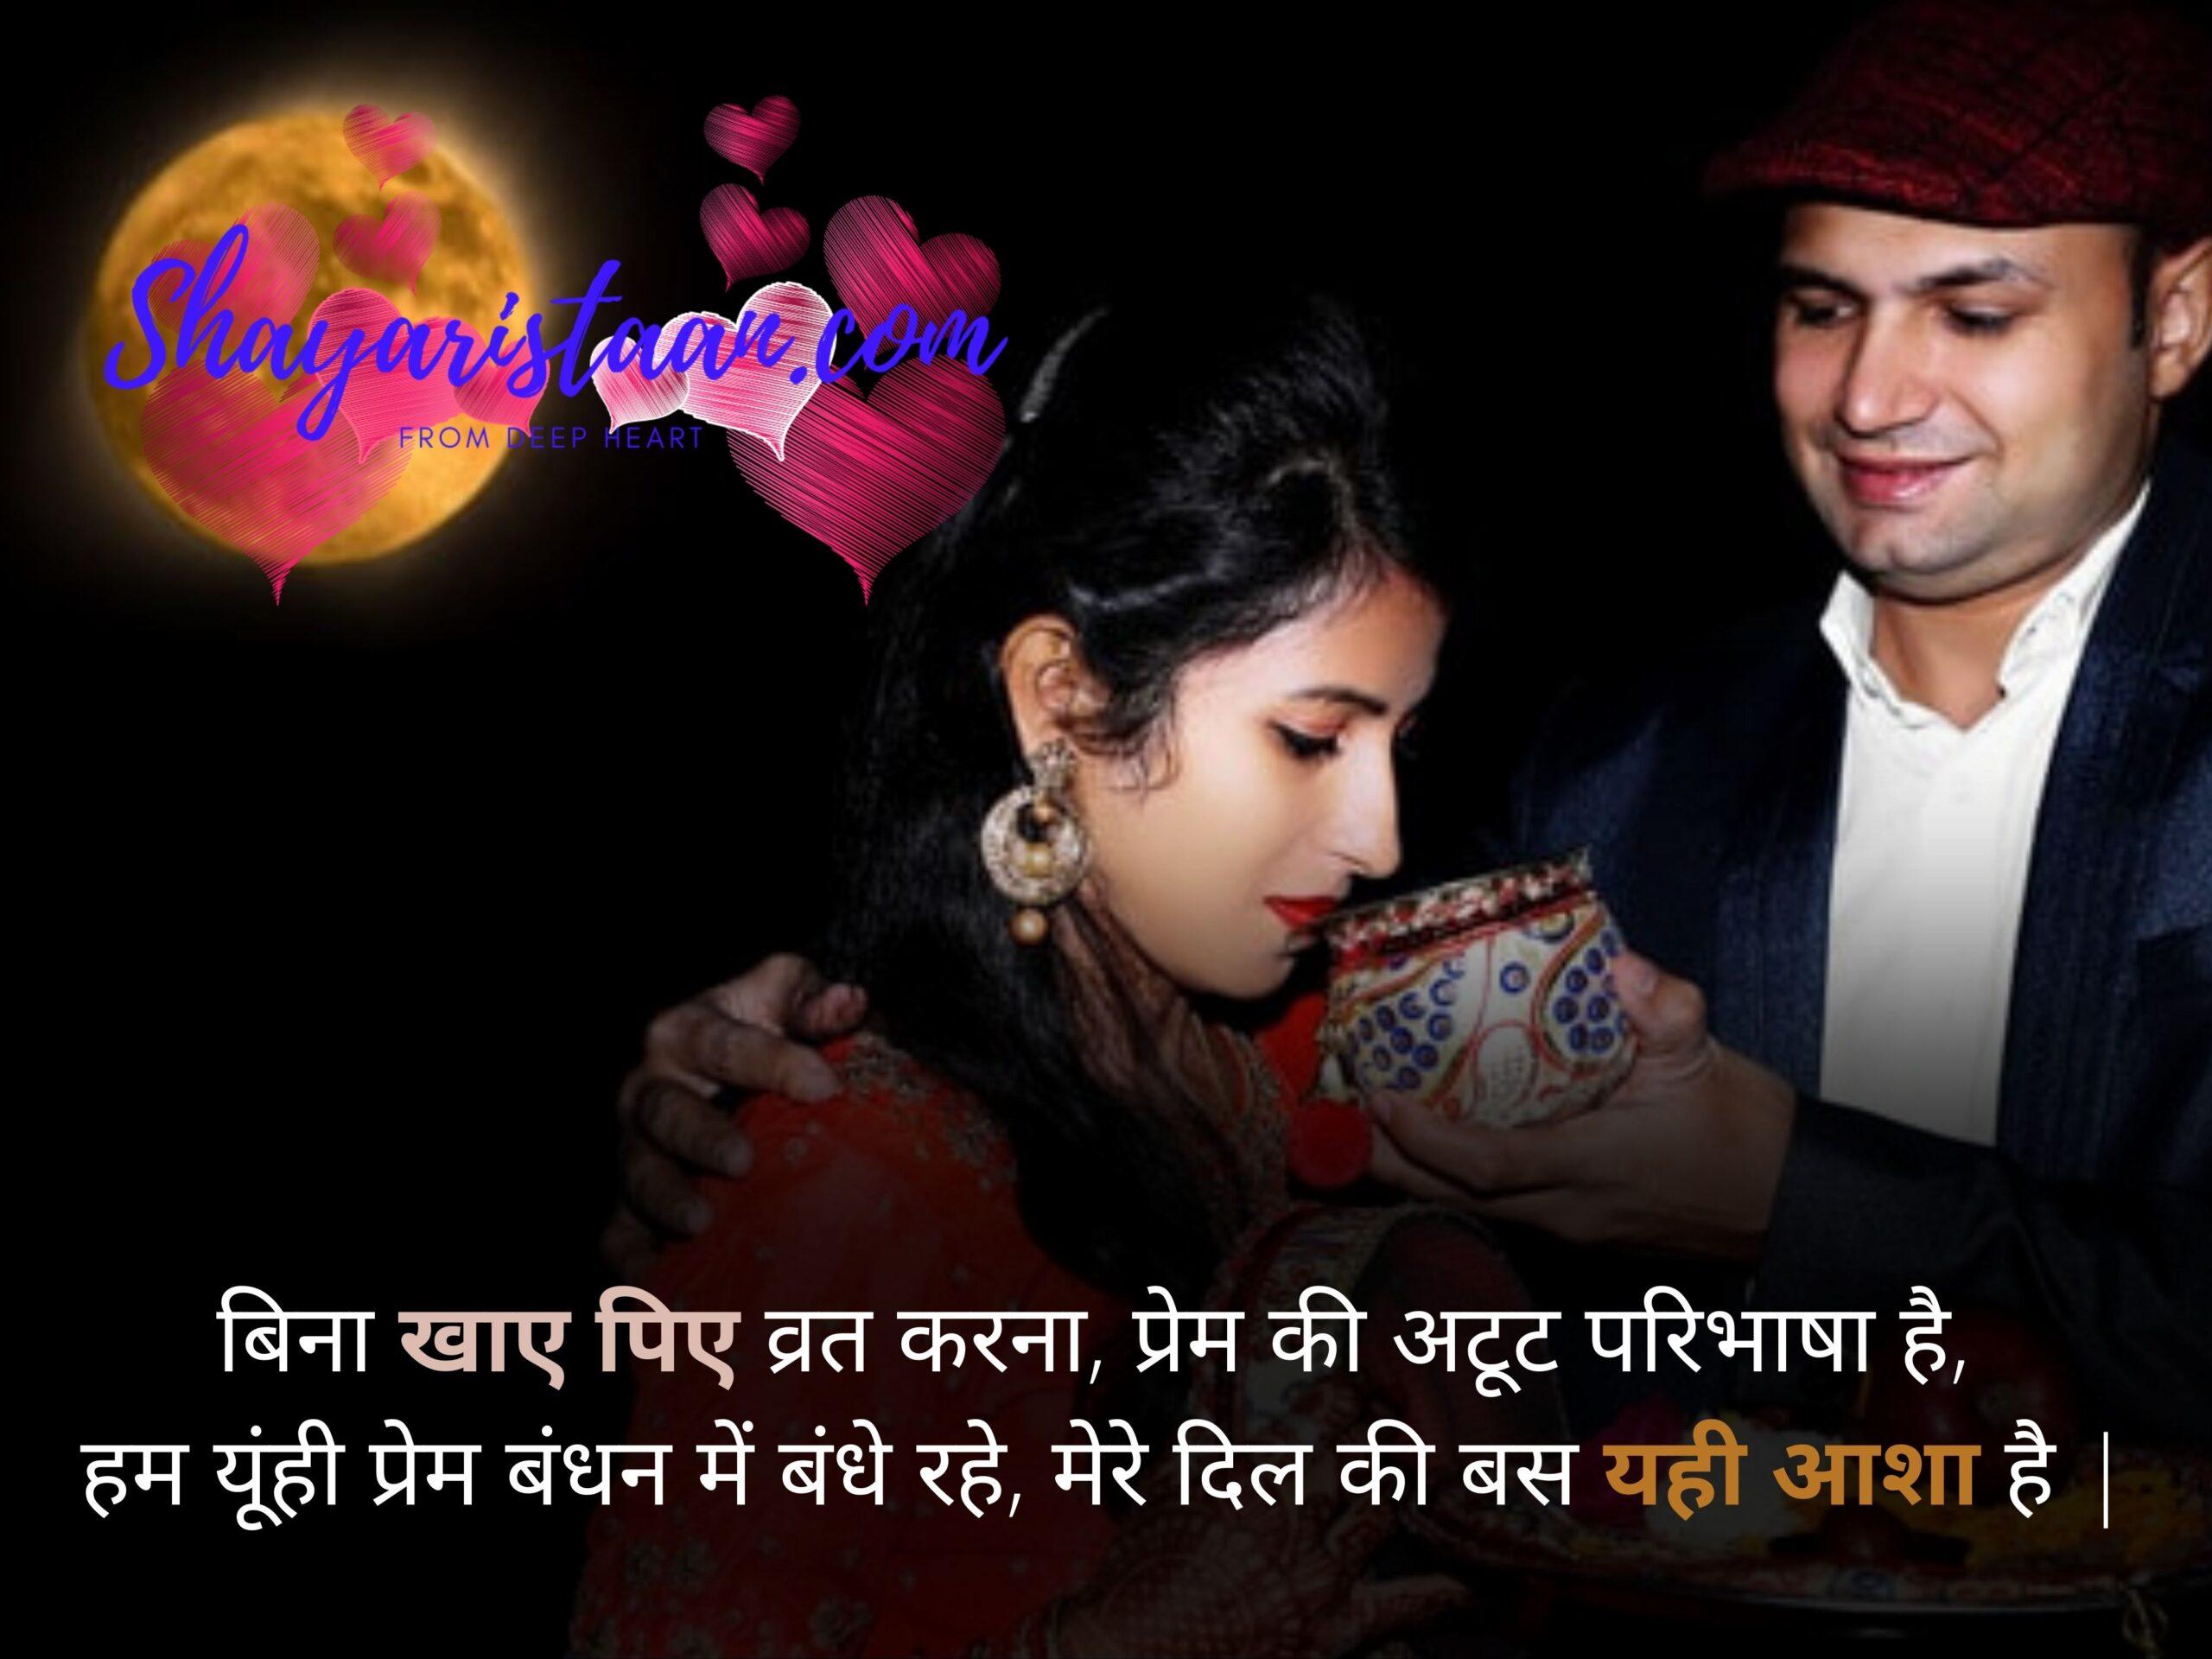 karwa chauth quotes for status   बिना खाए पिए व्रत करना, प्रेम की अटूट परिभाषा है, हम यूंही प्रेम बंधन में बंधे रहे, मेरे दिल की बस यही आशा है   शुभ करवा चौथ